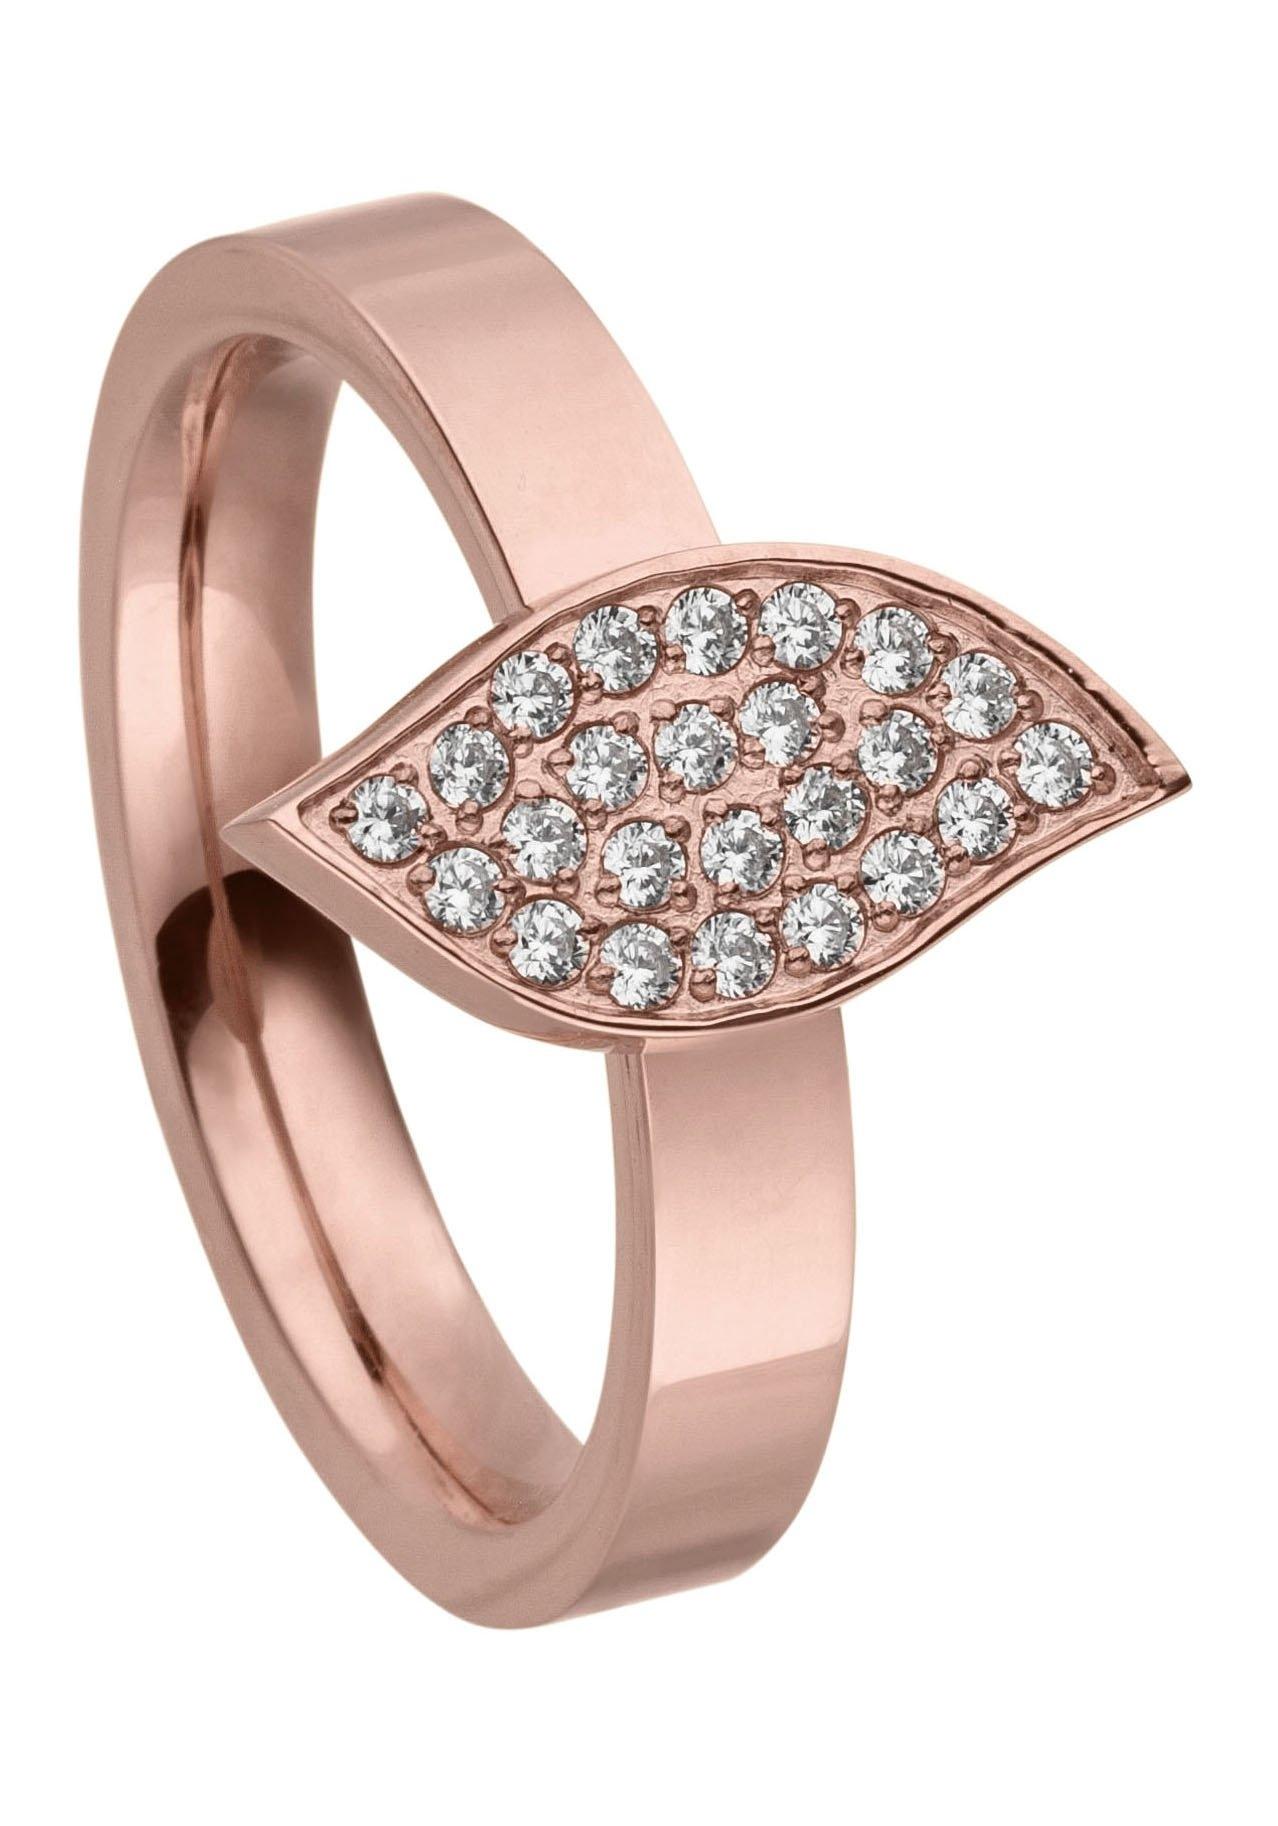 Tamaris ring Julia, TJ213-54, TJ213-56, TJ213-58, TJ213-60 met zirkoon bestellen: 30 dagen bedenktijd